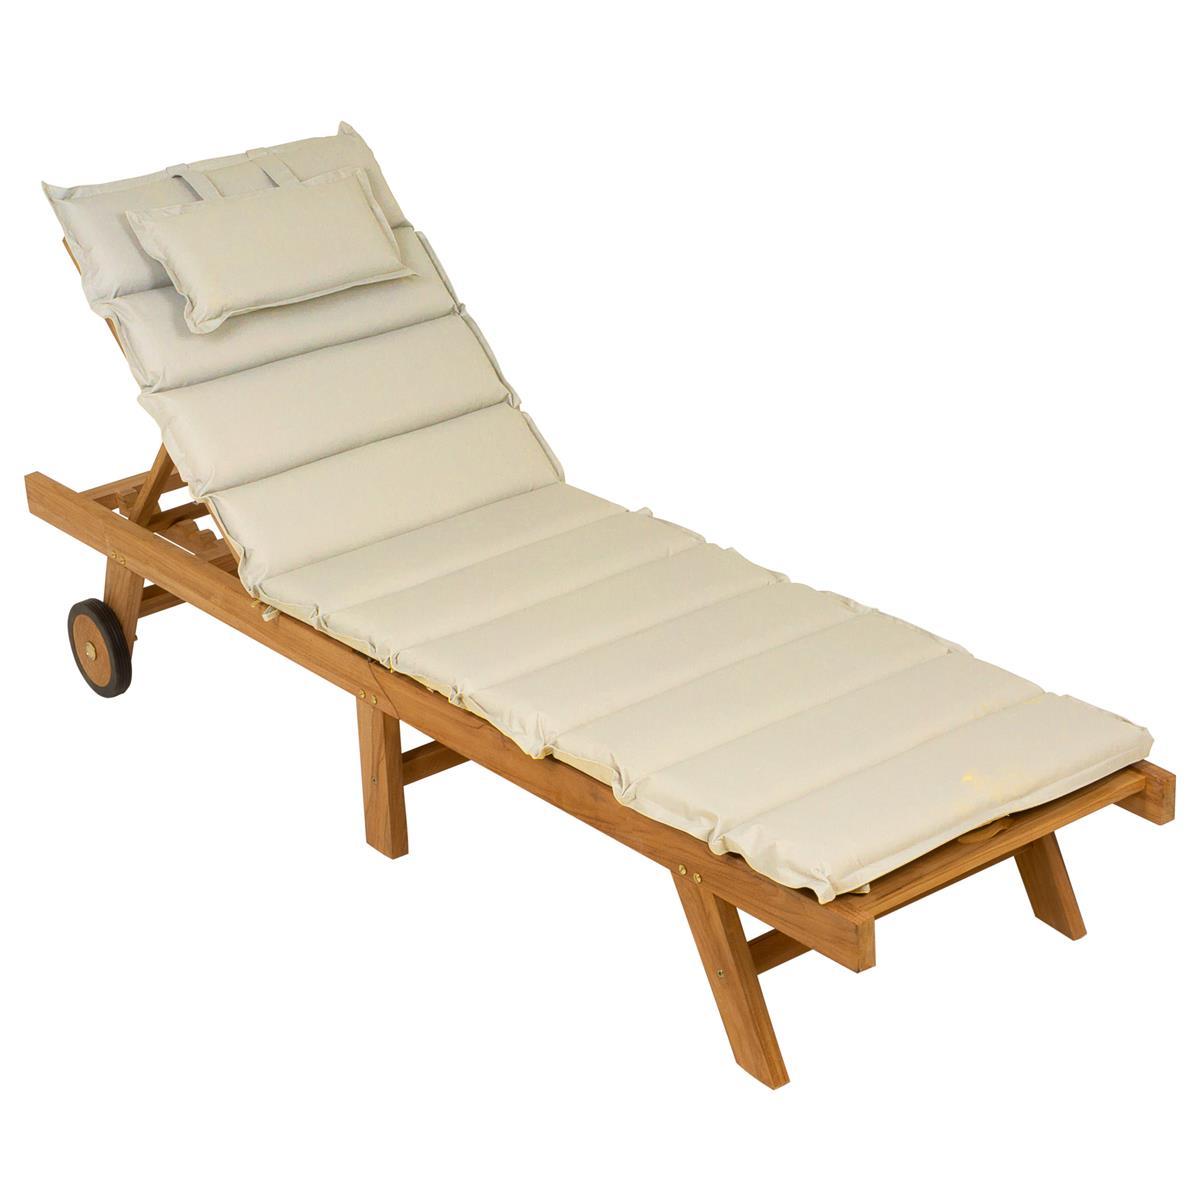 DIVERO Sonnenliege Gartenliege klappbar Teak-Holz behandelt Auflage creme